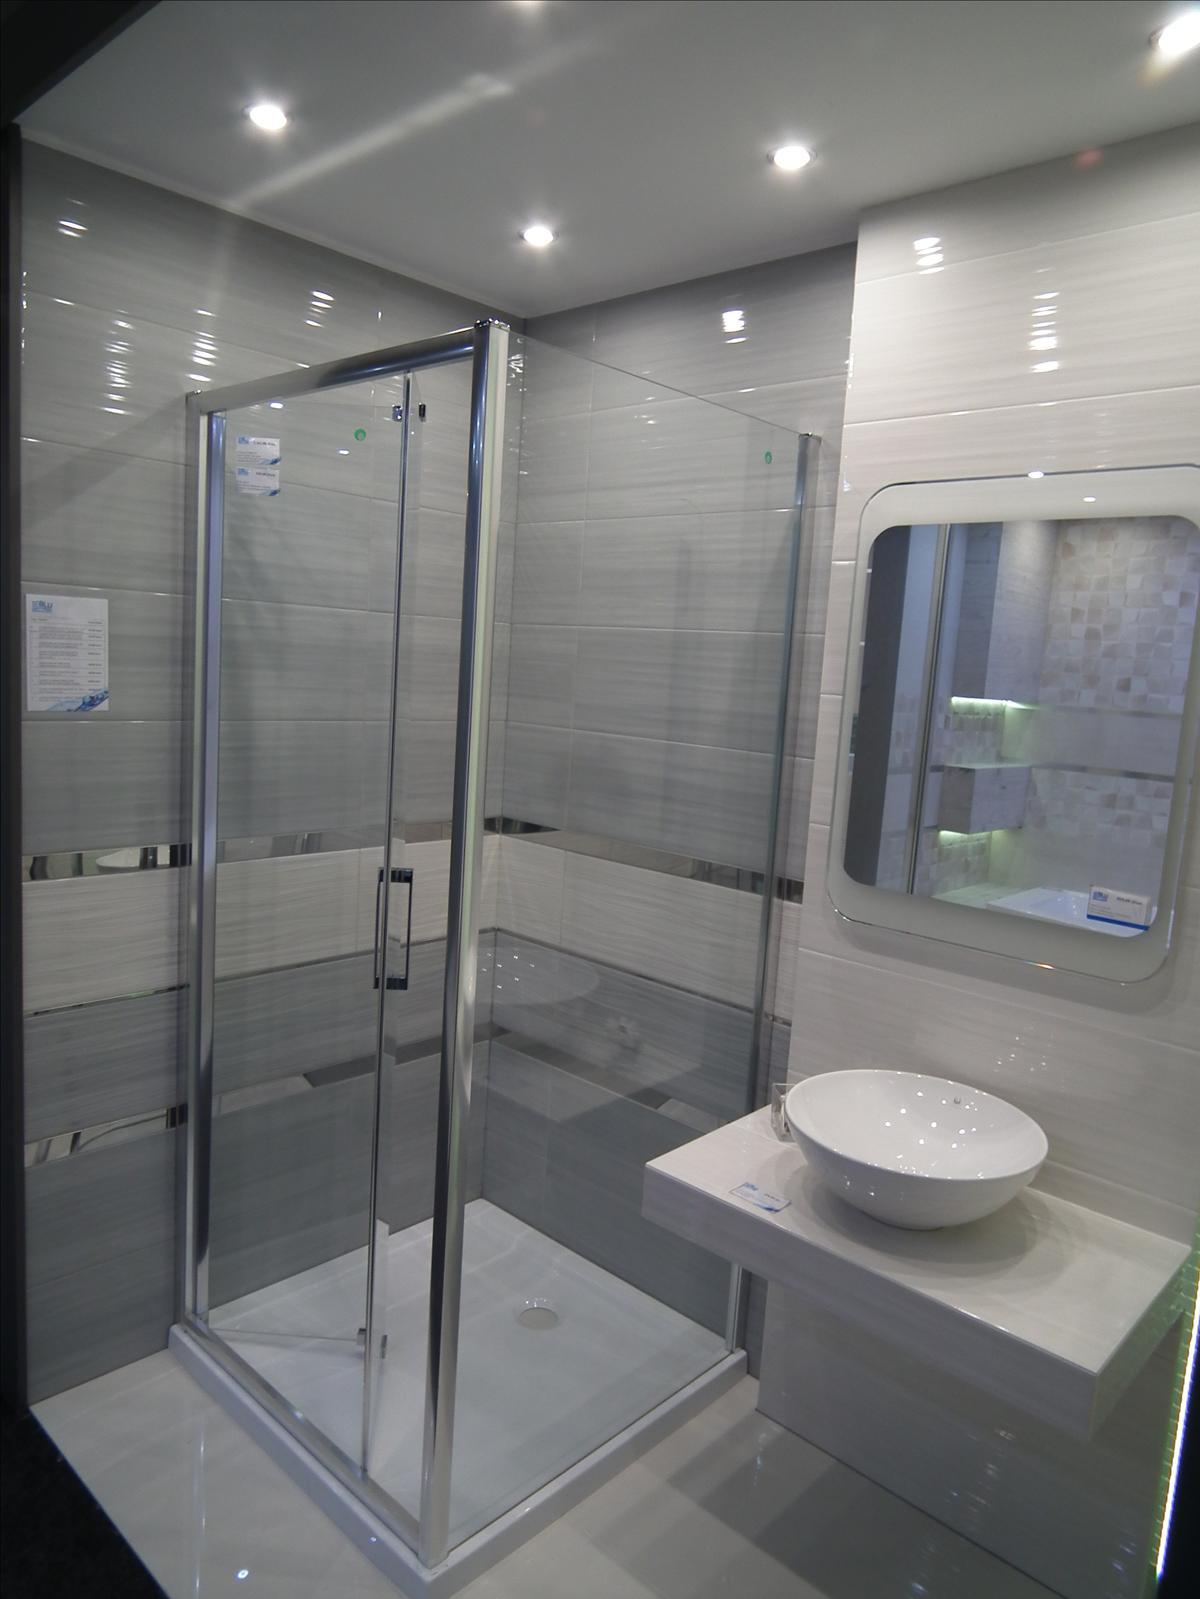 Płytka z połyskiem w łazience - Azario Avaberdeen  - zdjęcie od BLU salon łazienek Poznań